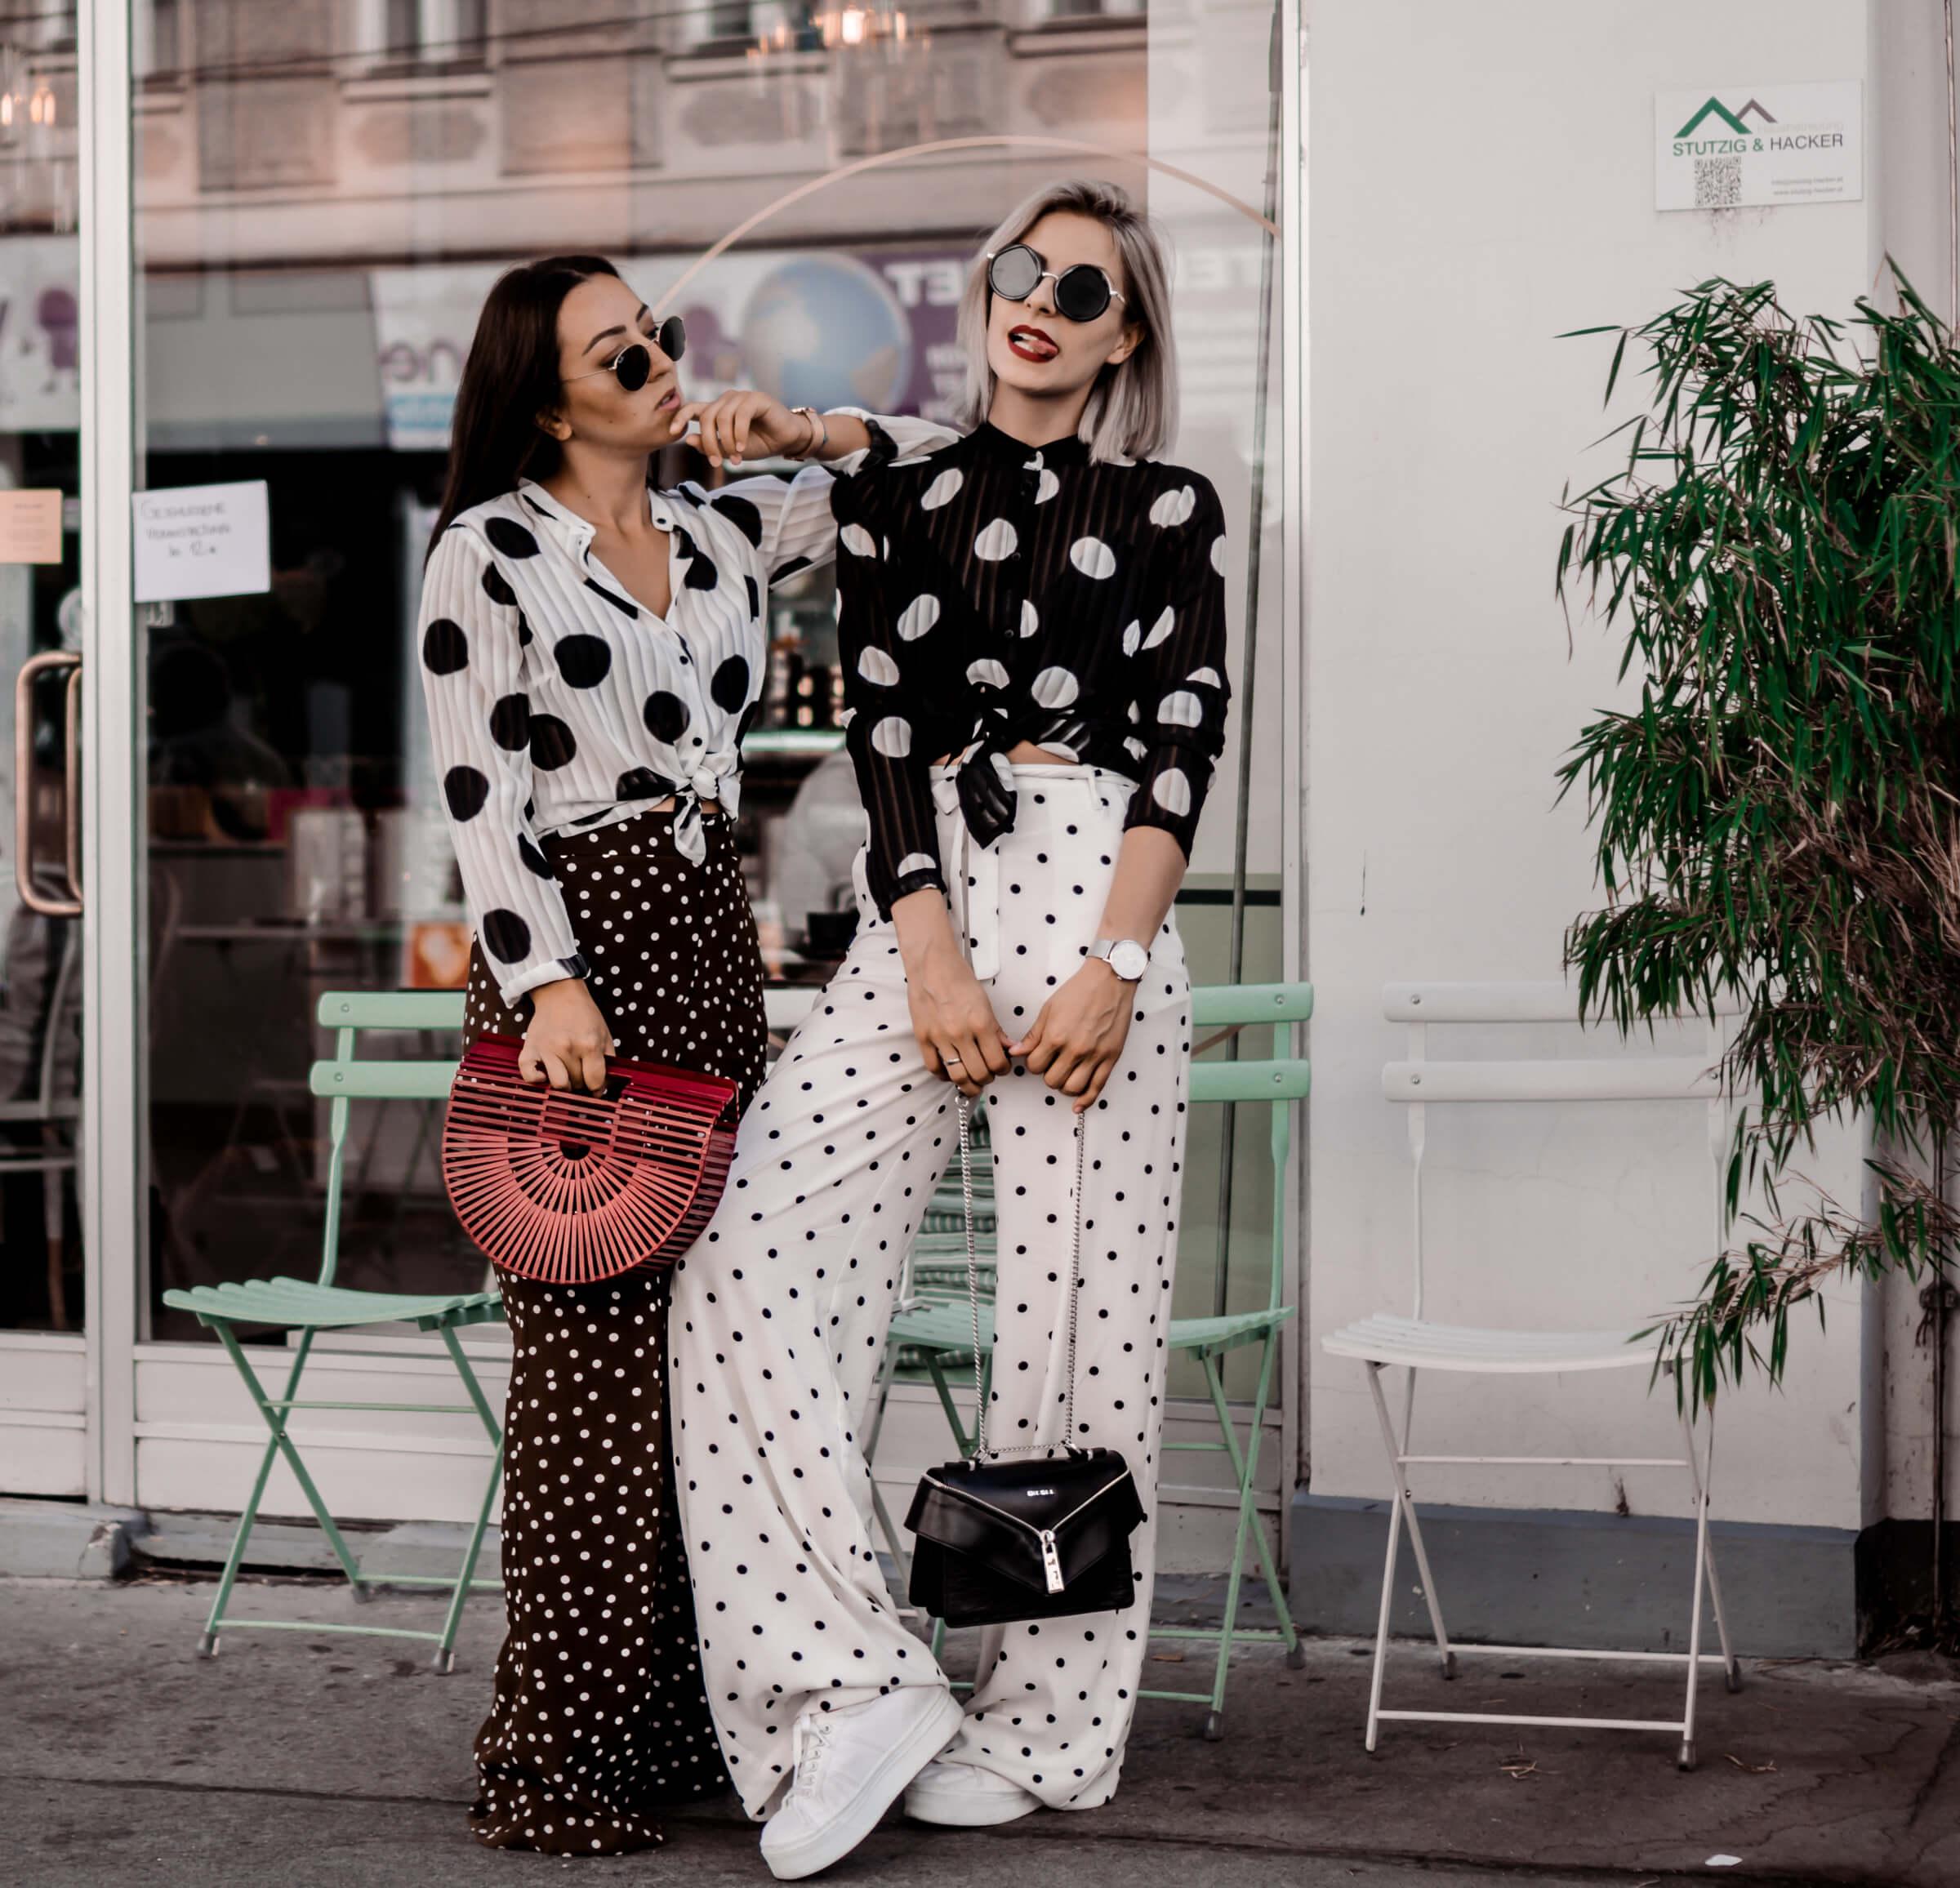 Timo & Kaja The Cosmopolitas